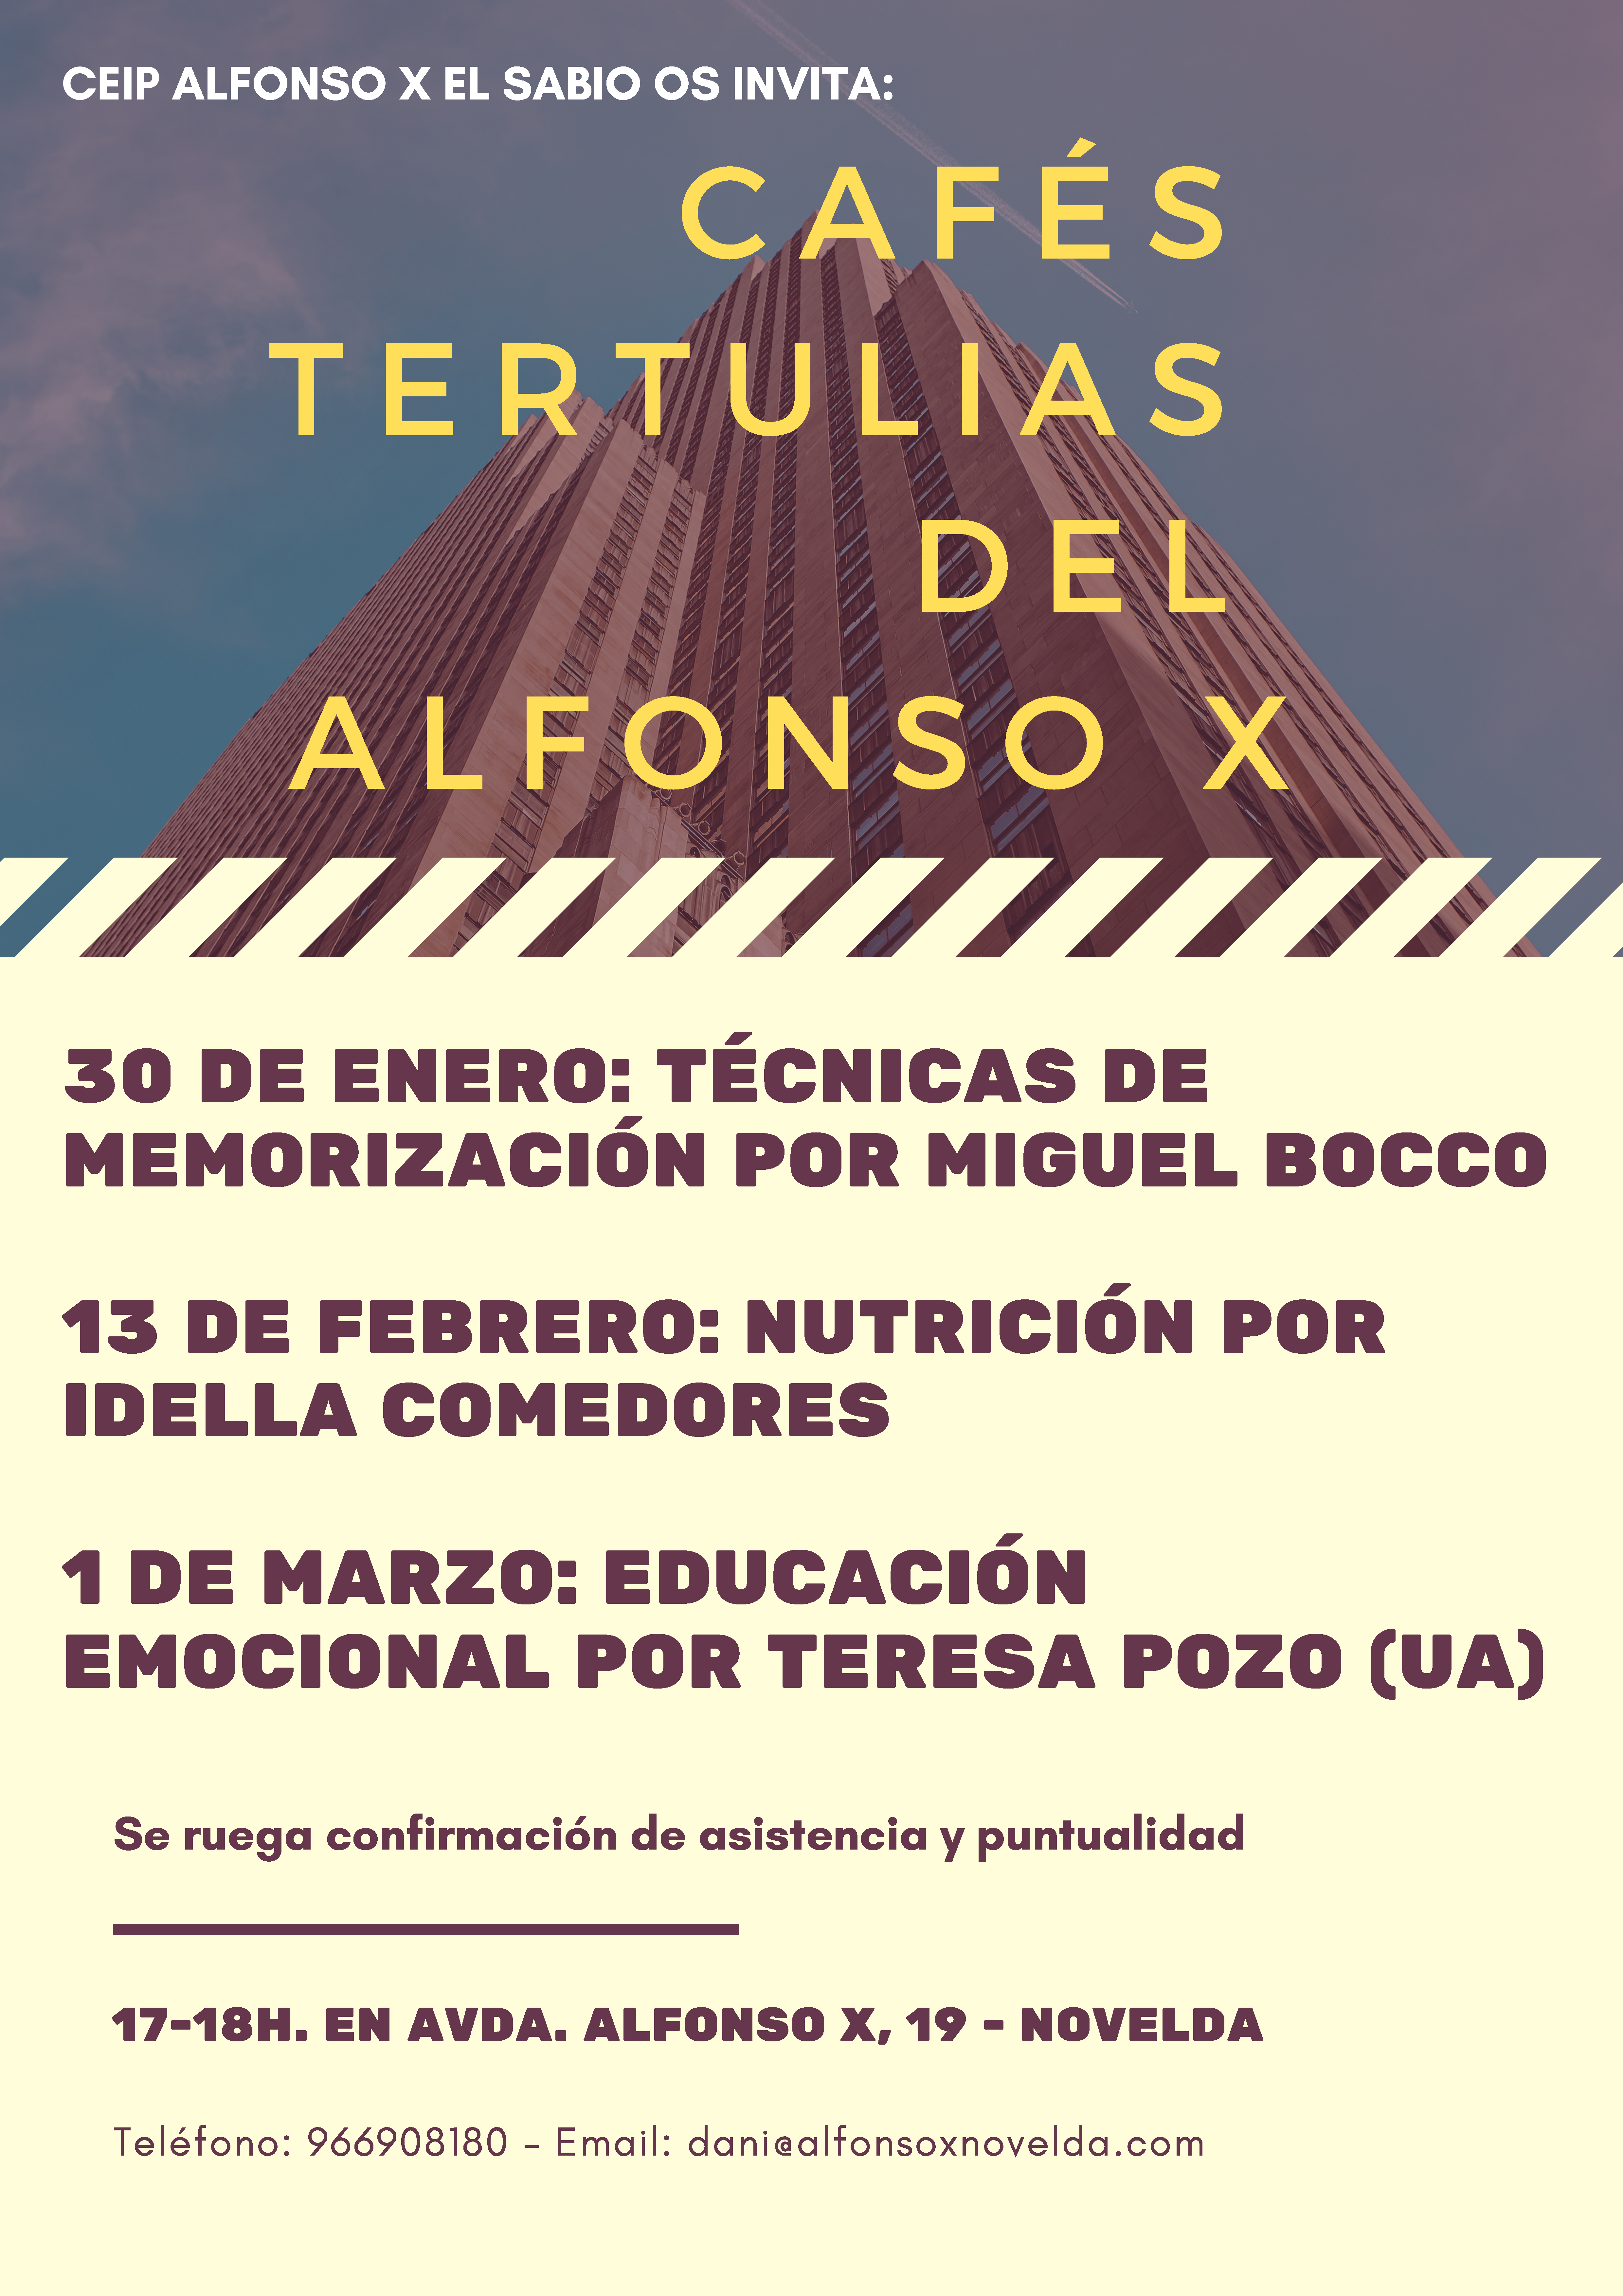 CEIP ALFONSO X EL SABIO OS INVITA: